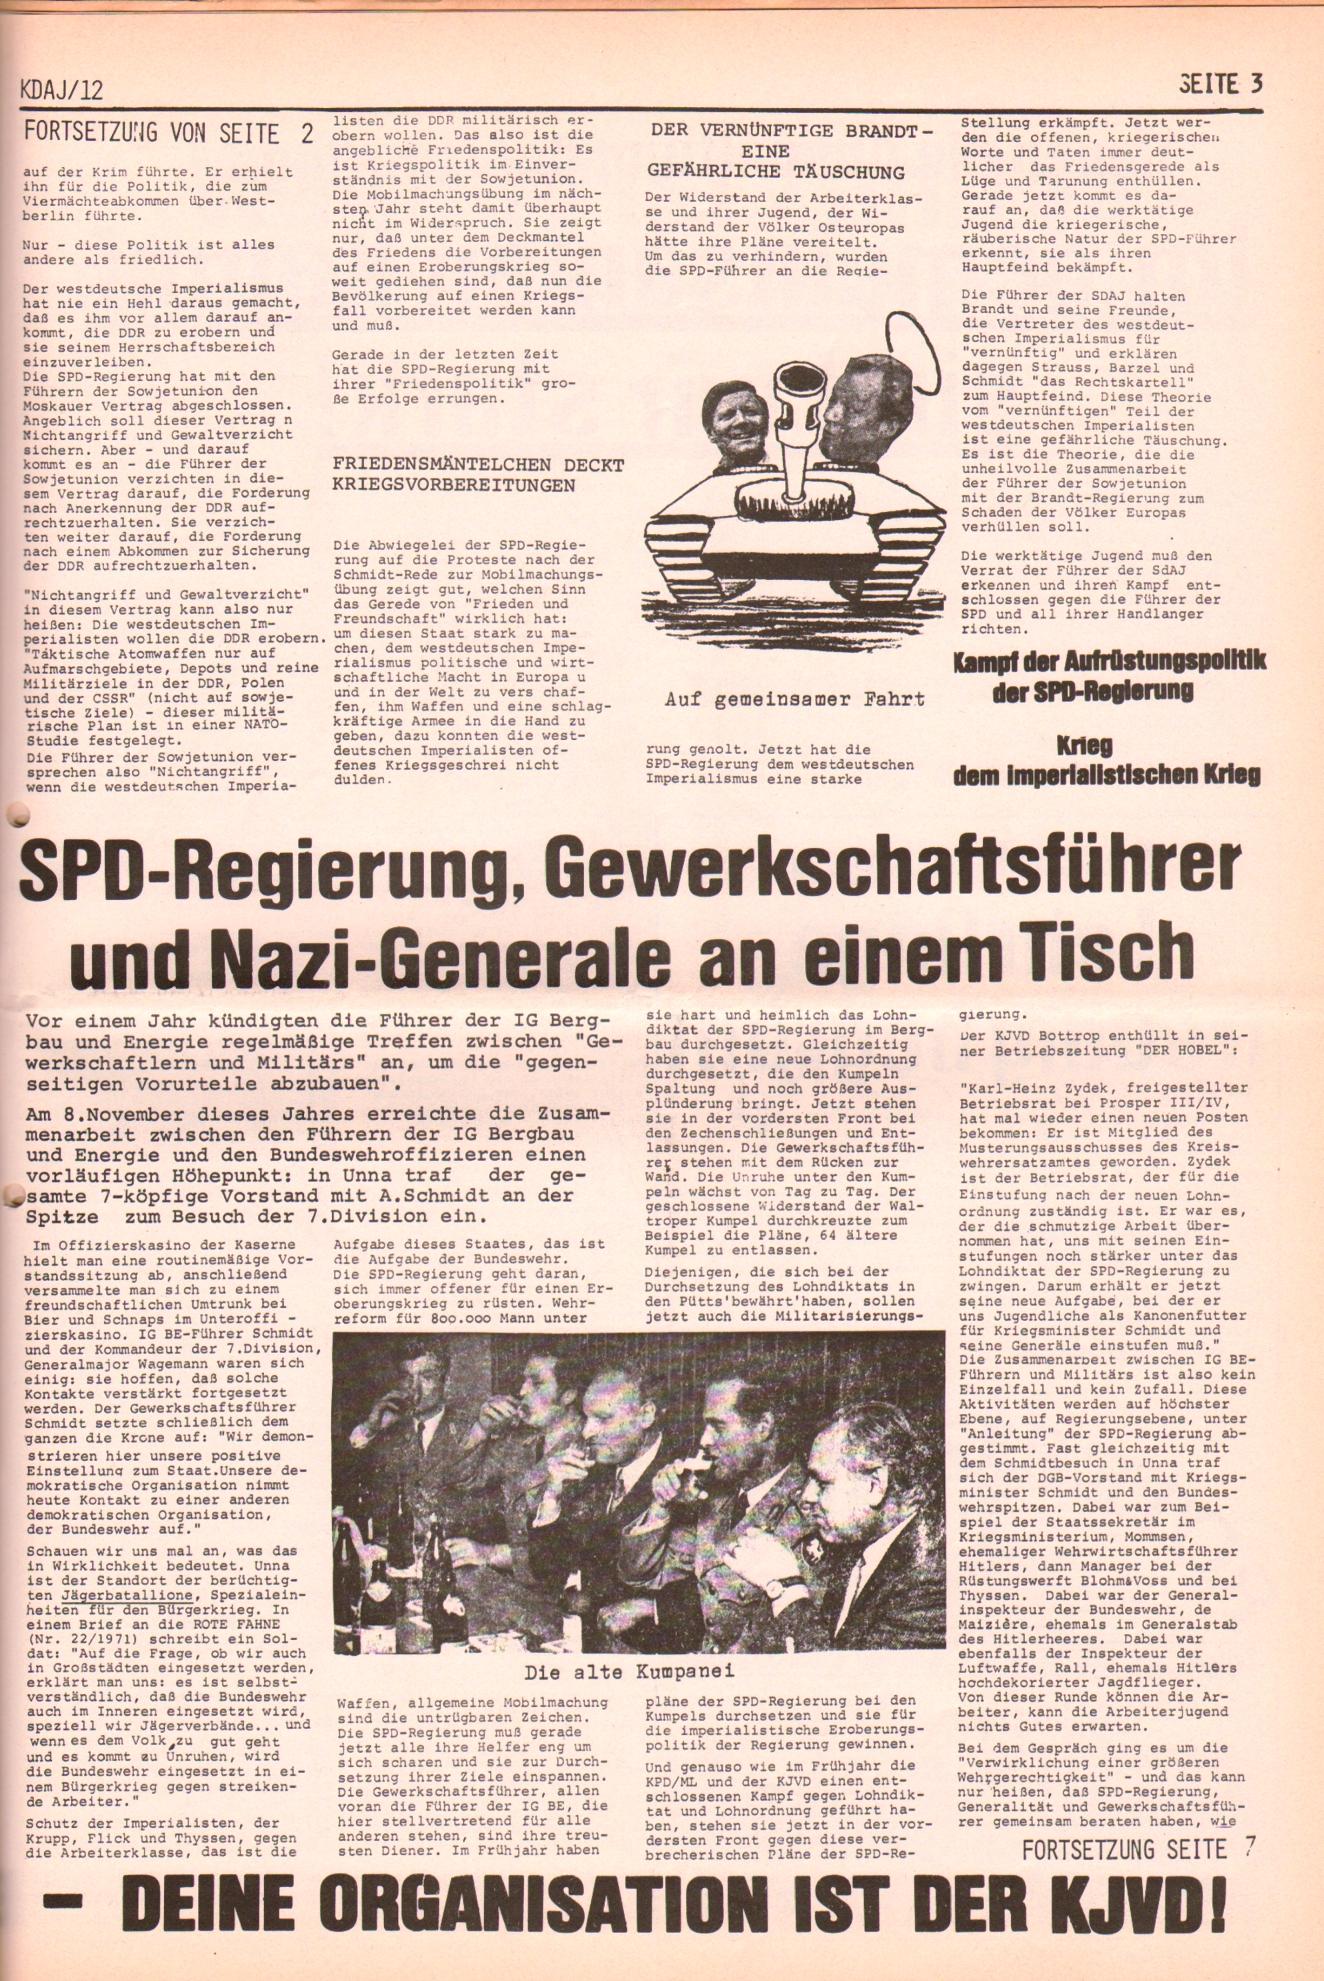 KDAJ, 2. Jg., Dezember 1971, Nr. 12, Seite 3